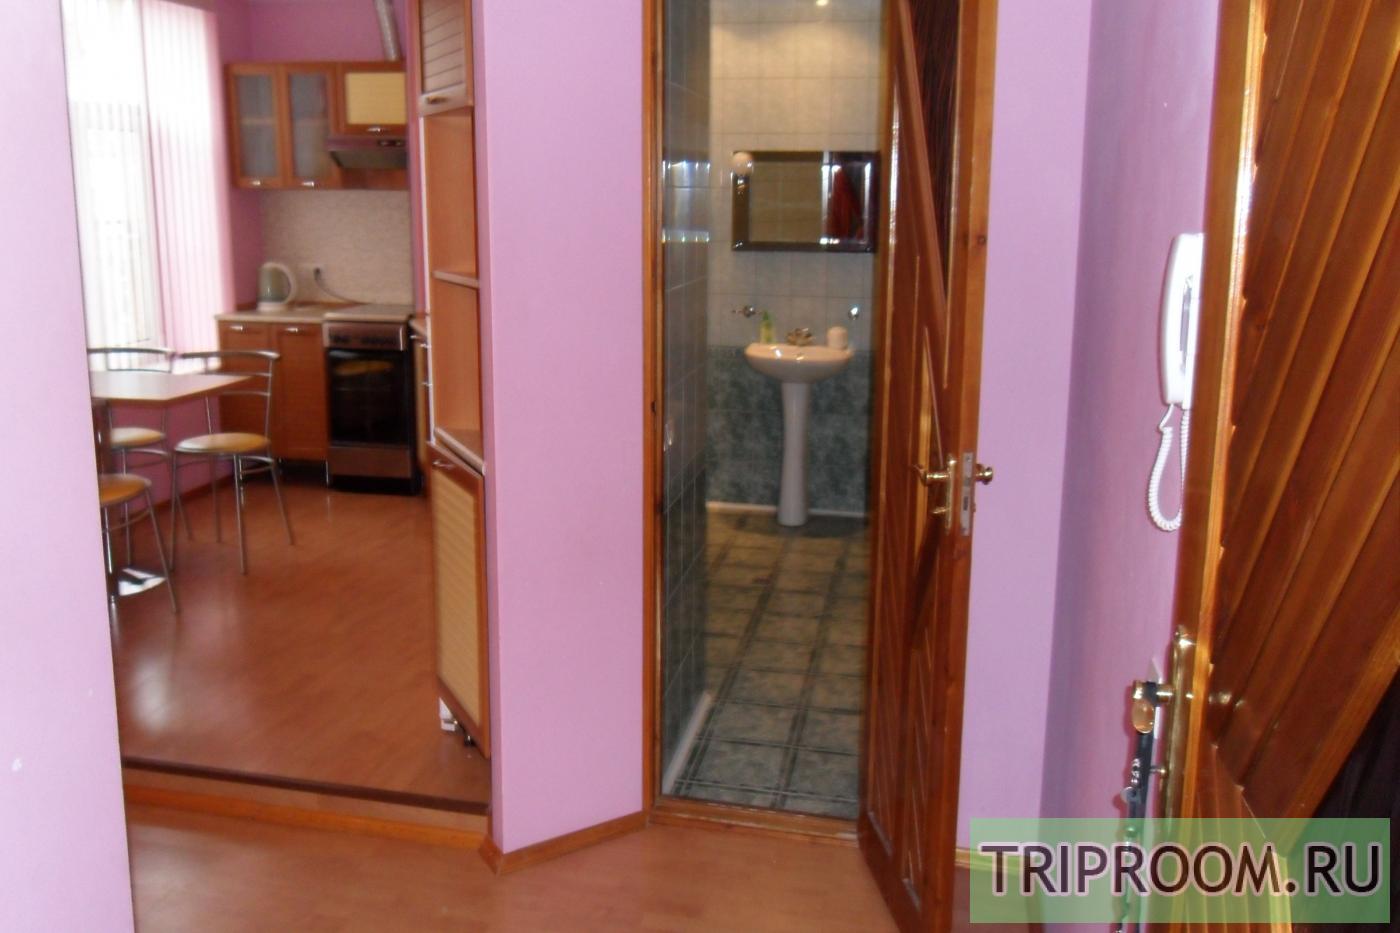 2-комнатная квартира посуточно (вариант № 7558), ул. Советская улица, фото № 6